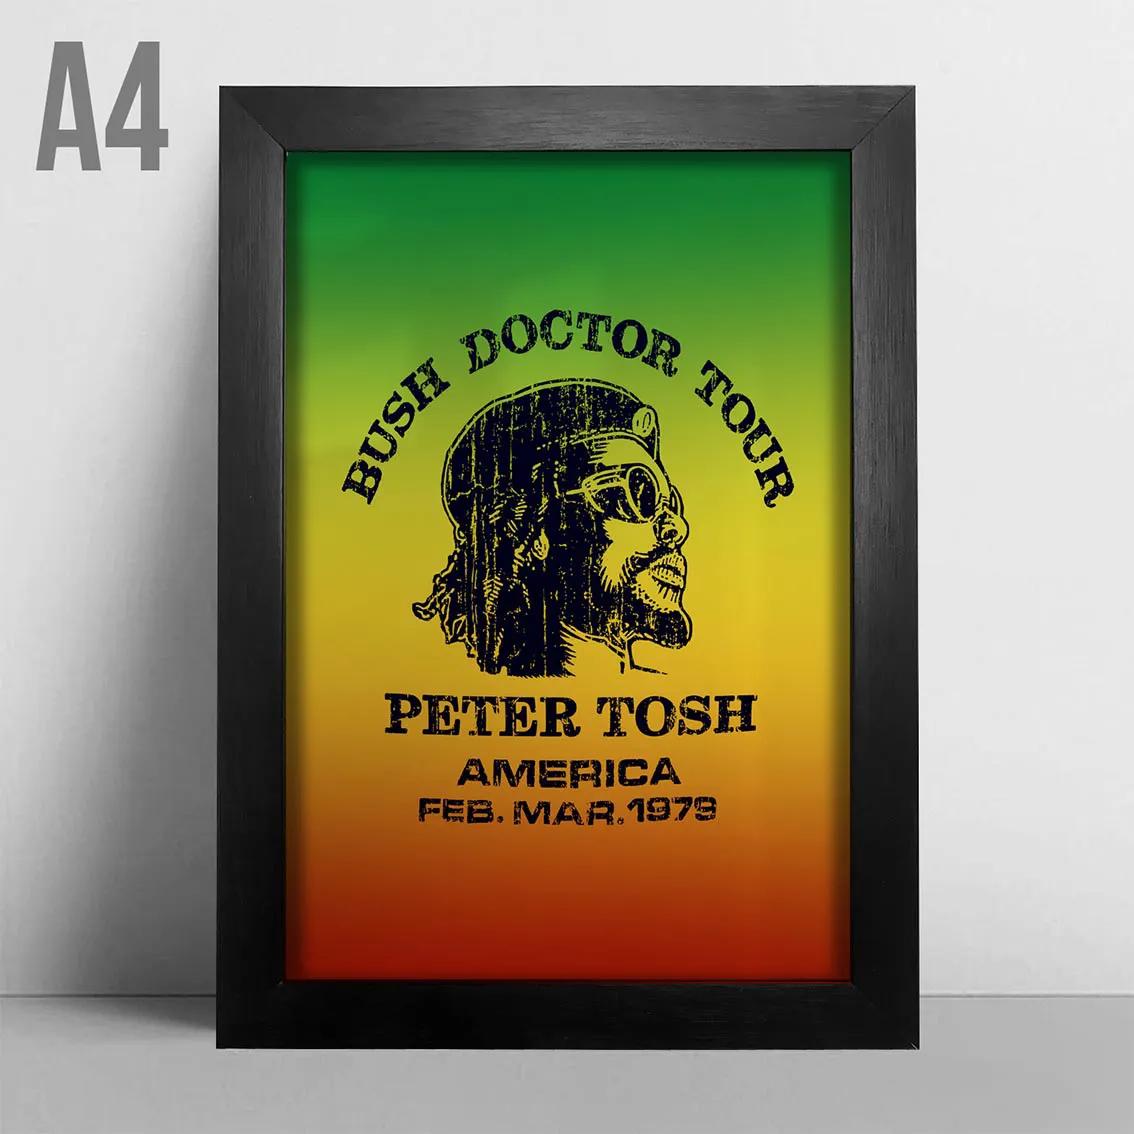 Quadro A4 - Peter Tosh